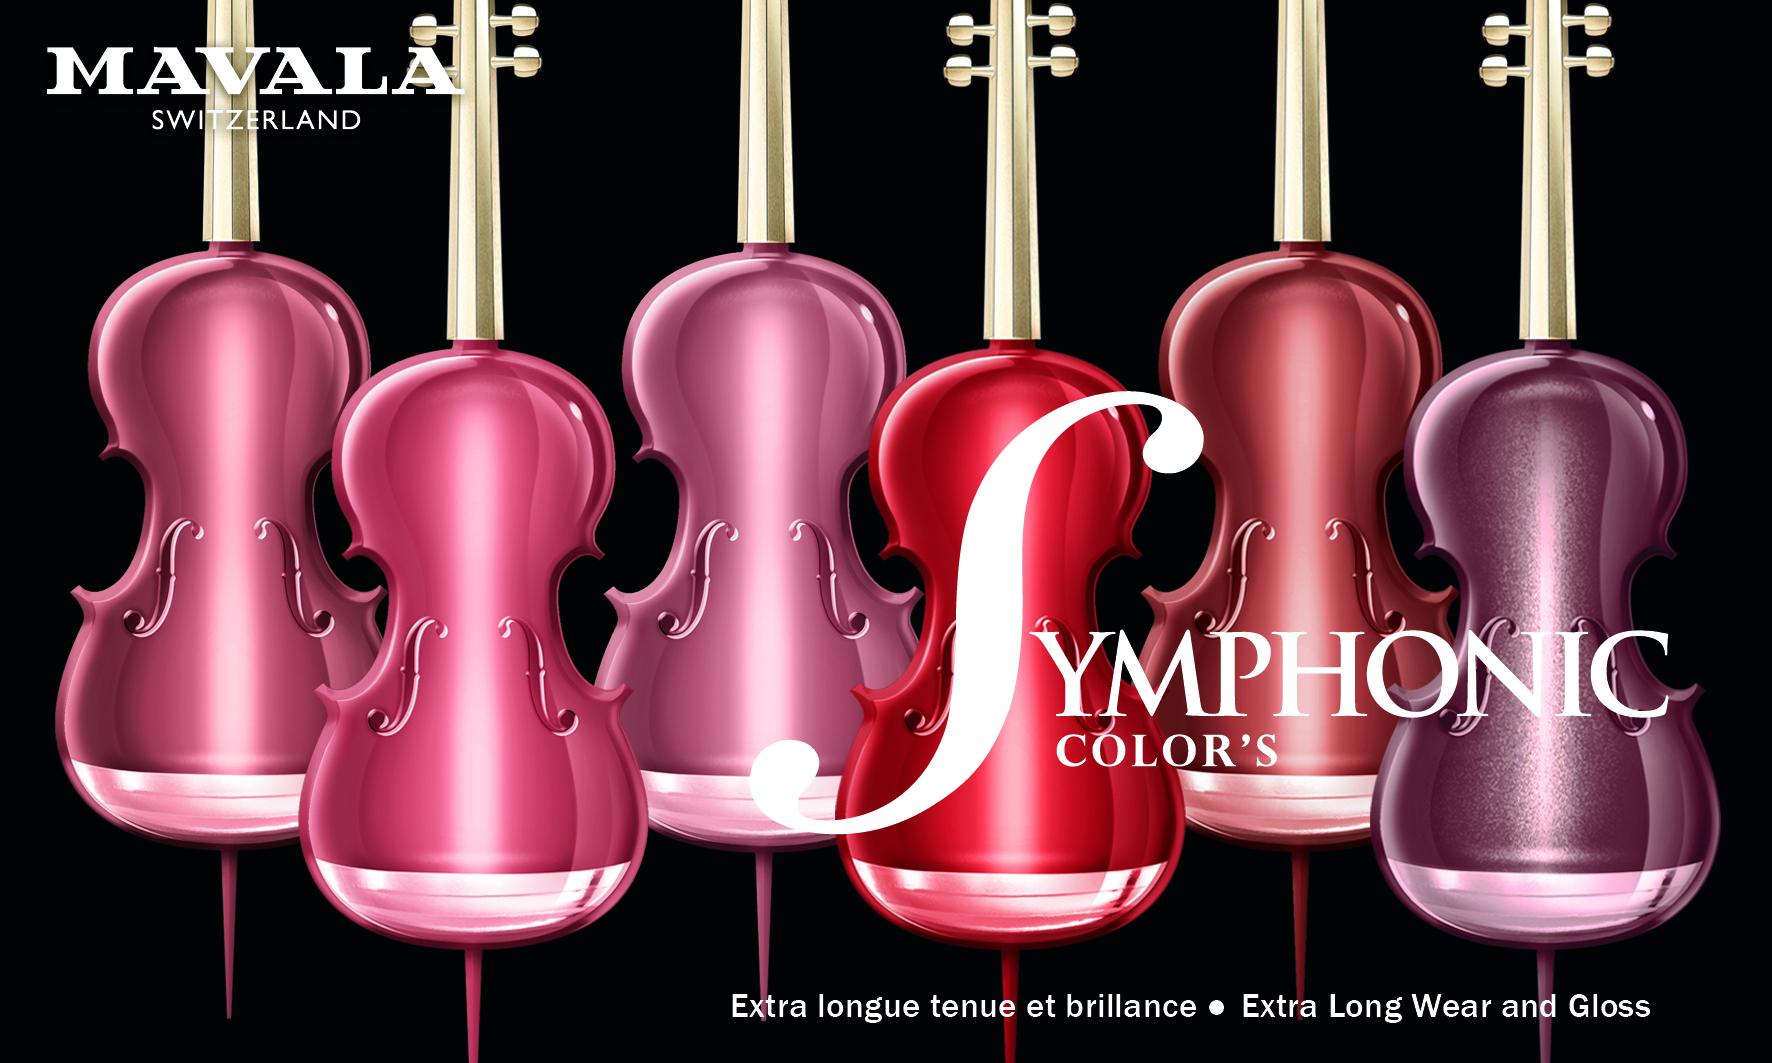 Carte Symphonic Color's 150x90mm